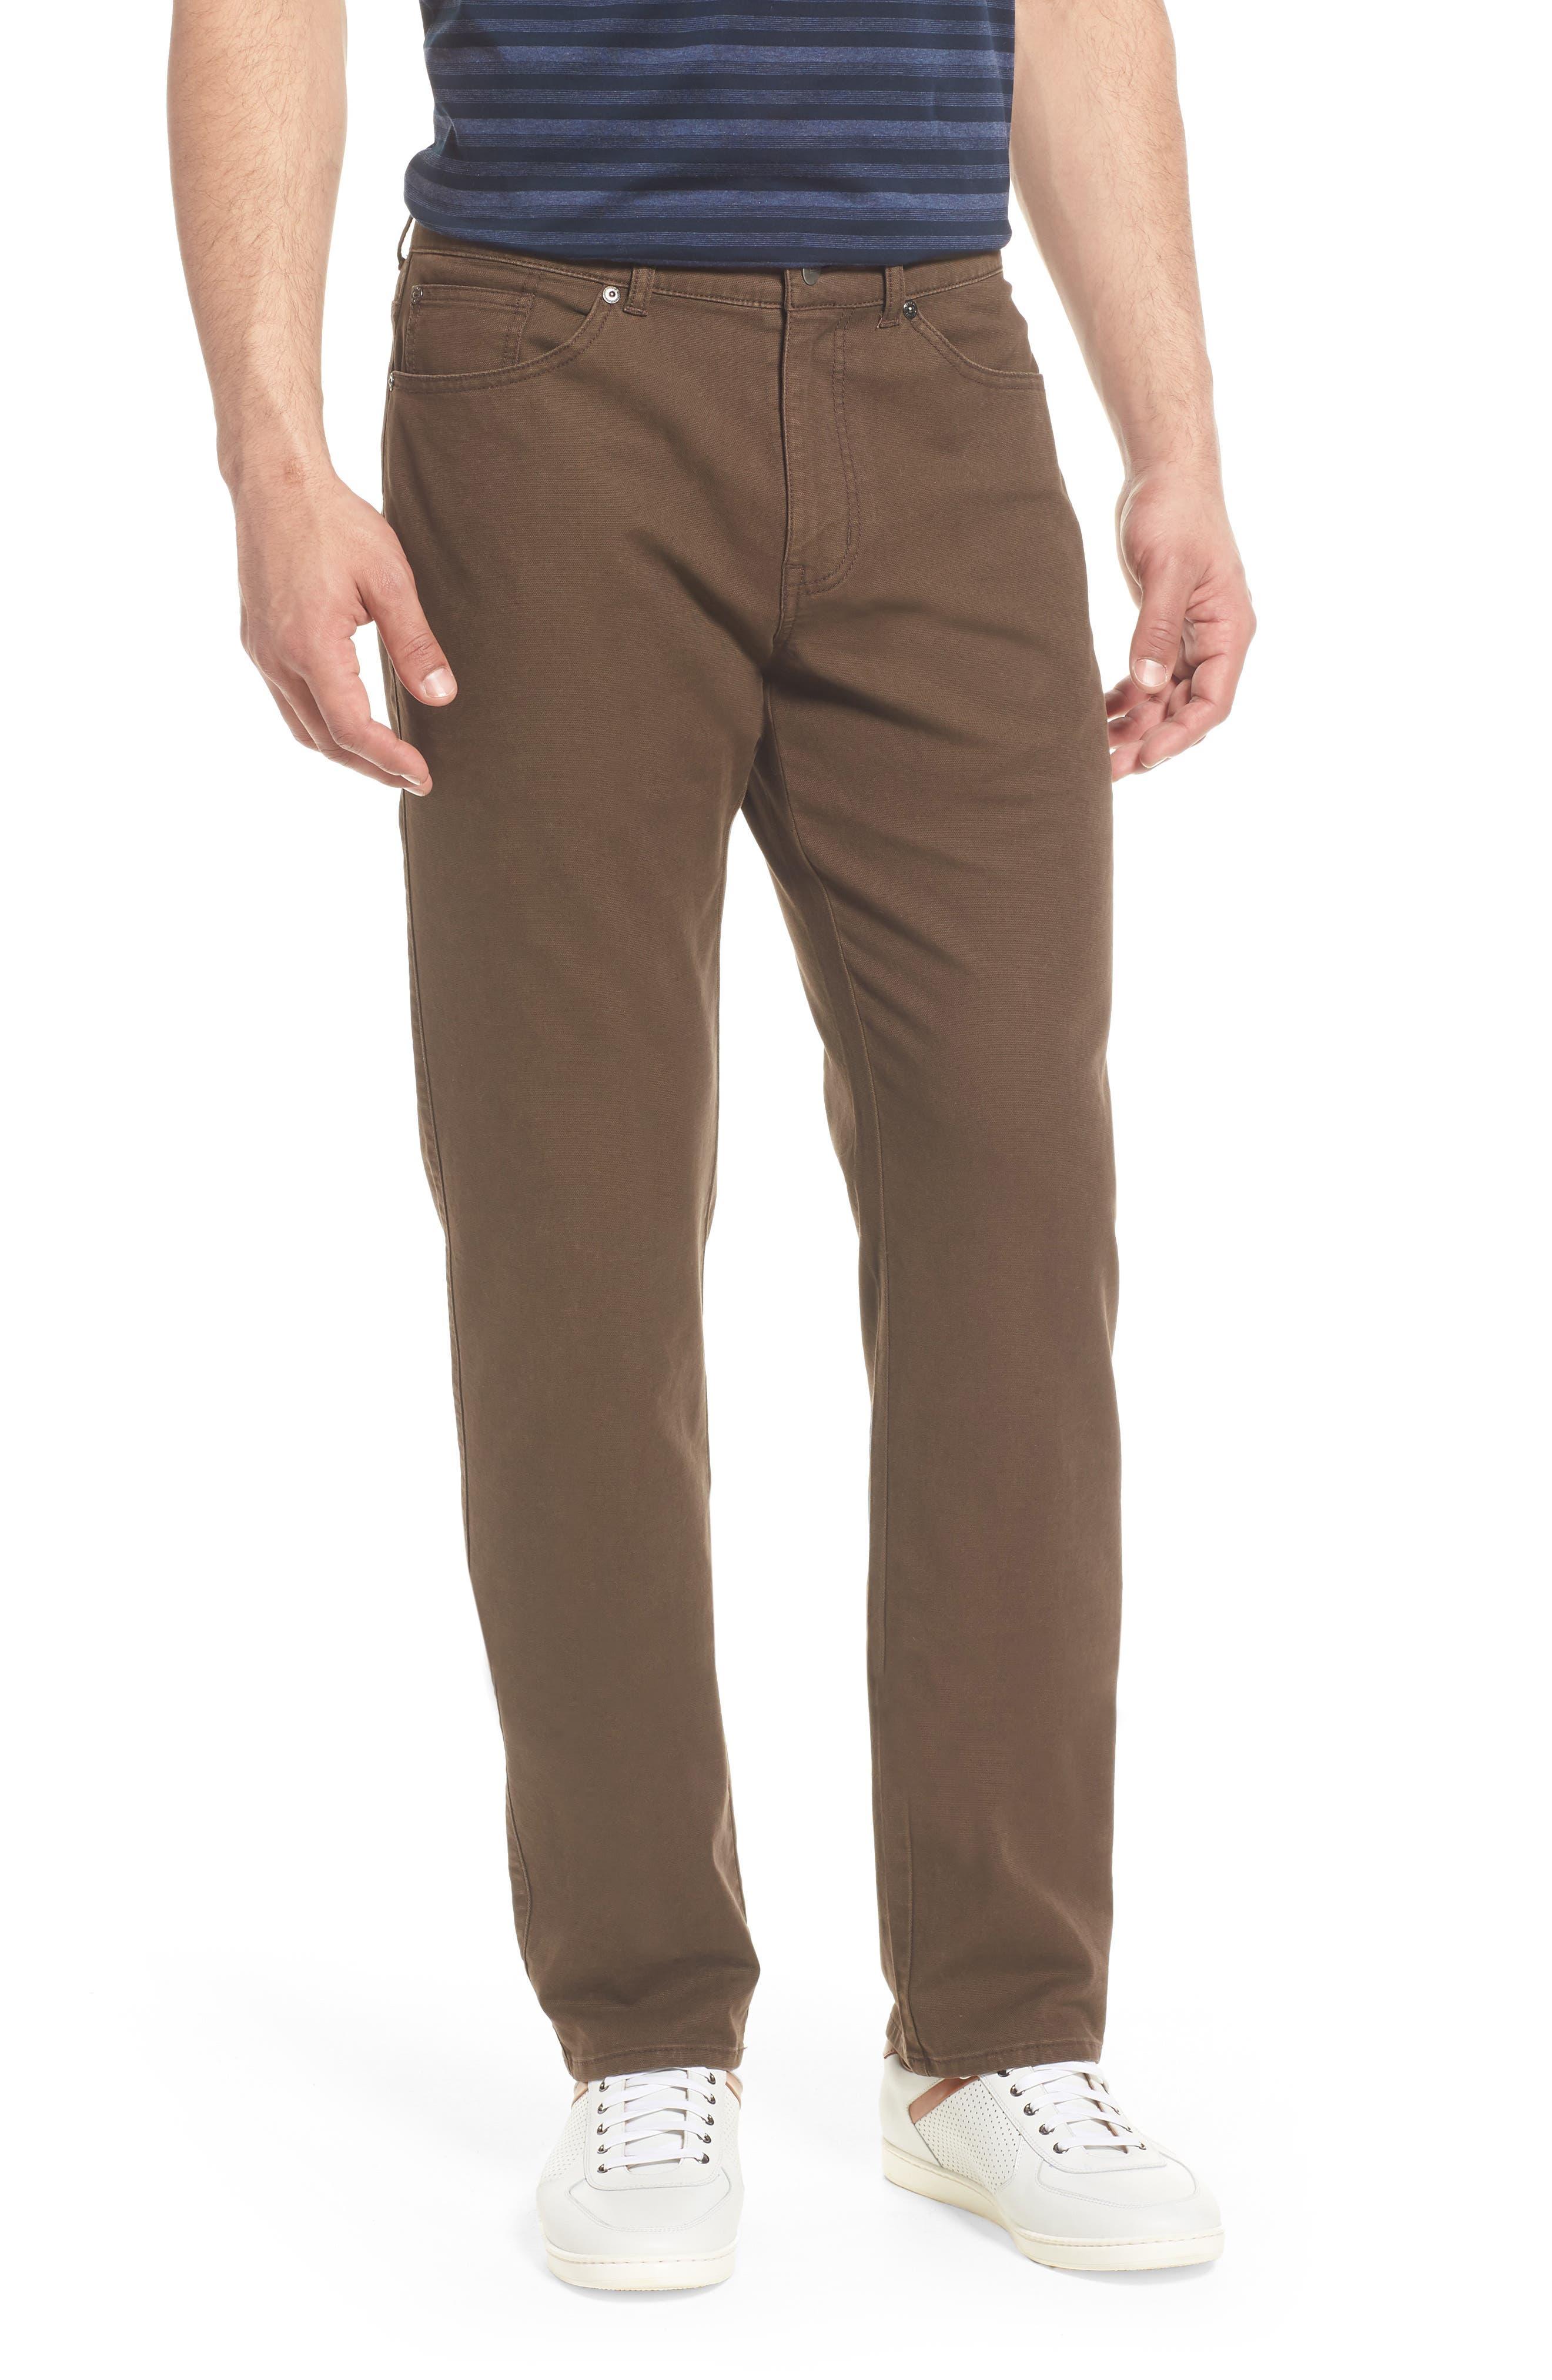 Crown Vintage Canvas Pants,                         Main,                         color, CANOPY BROWN